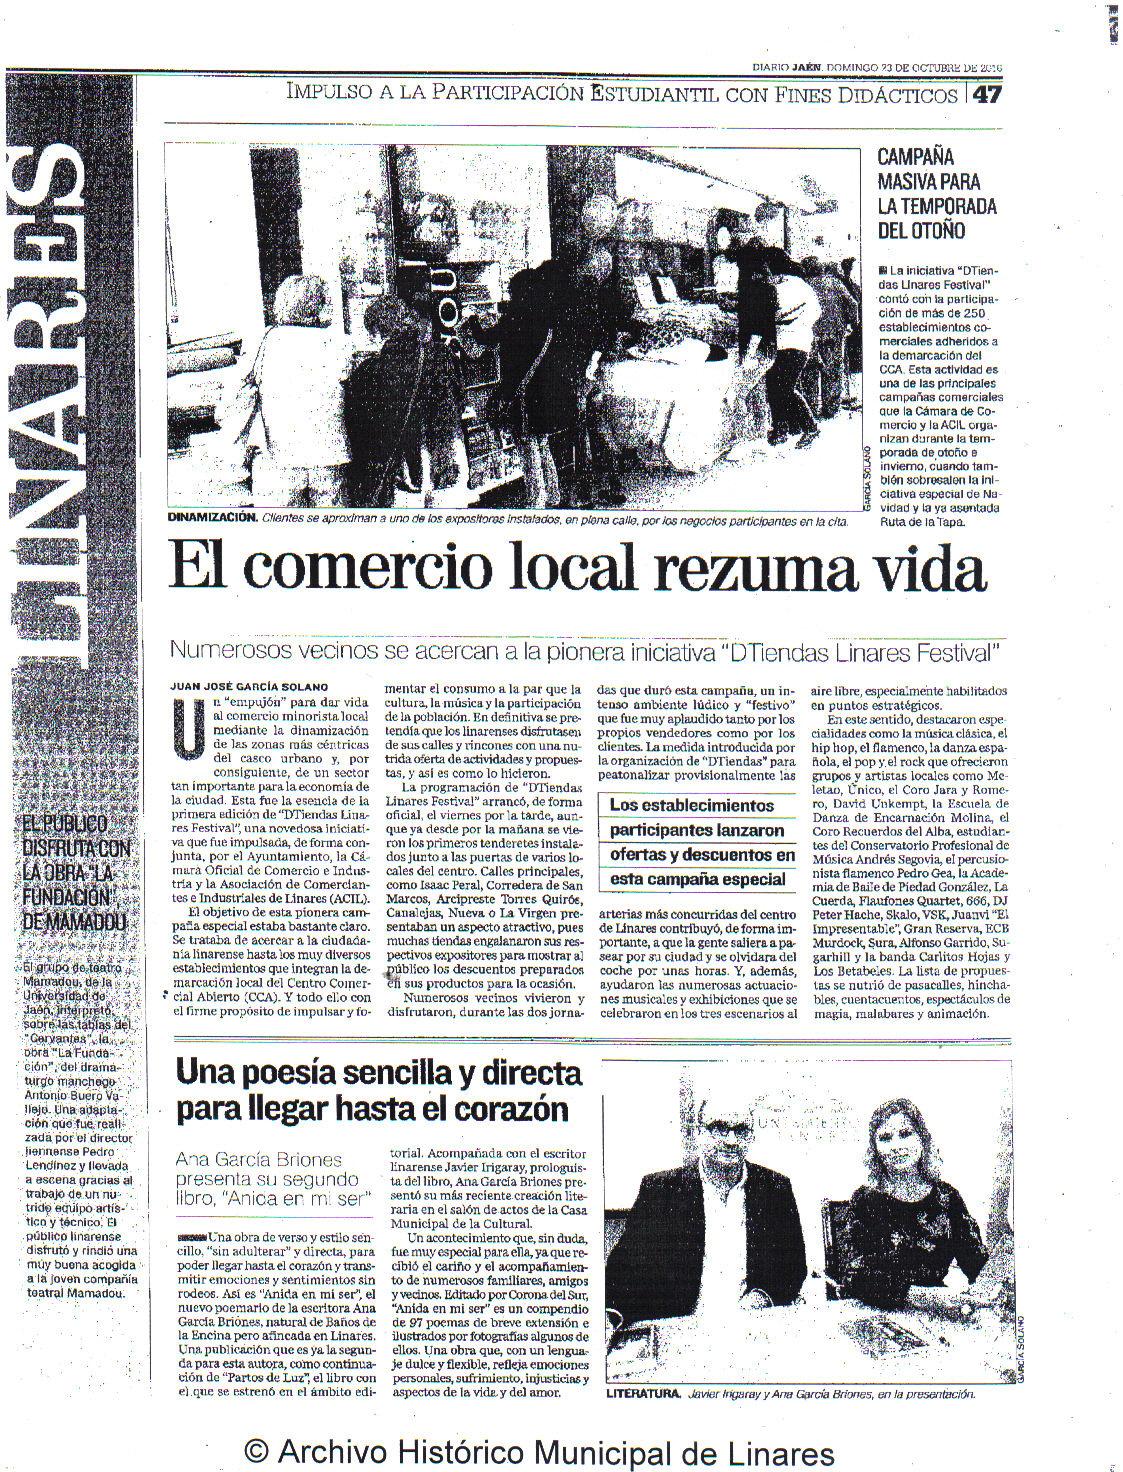 prensa-diario-ideal-23-octubre